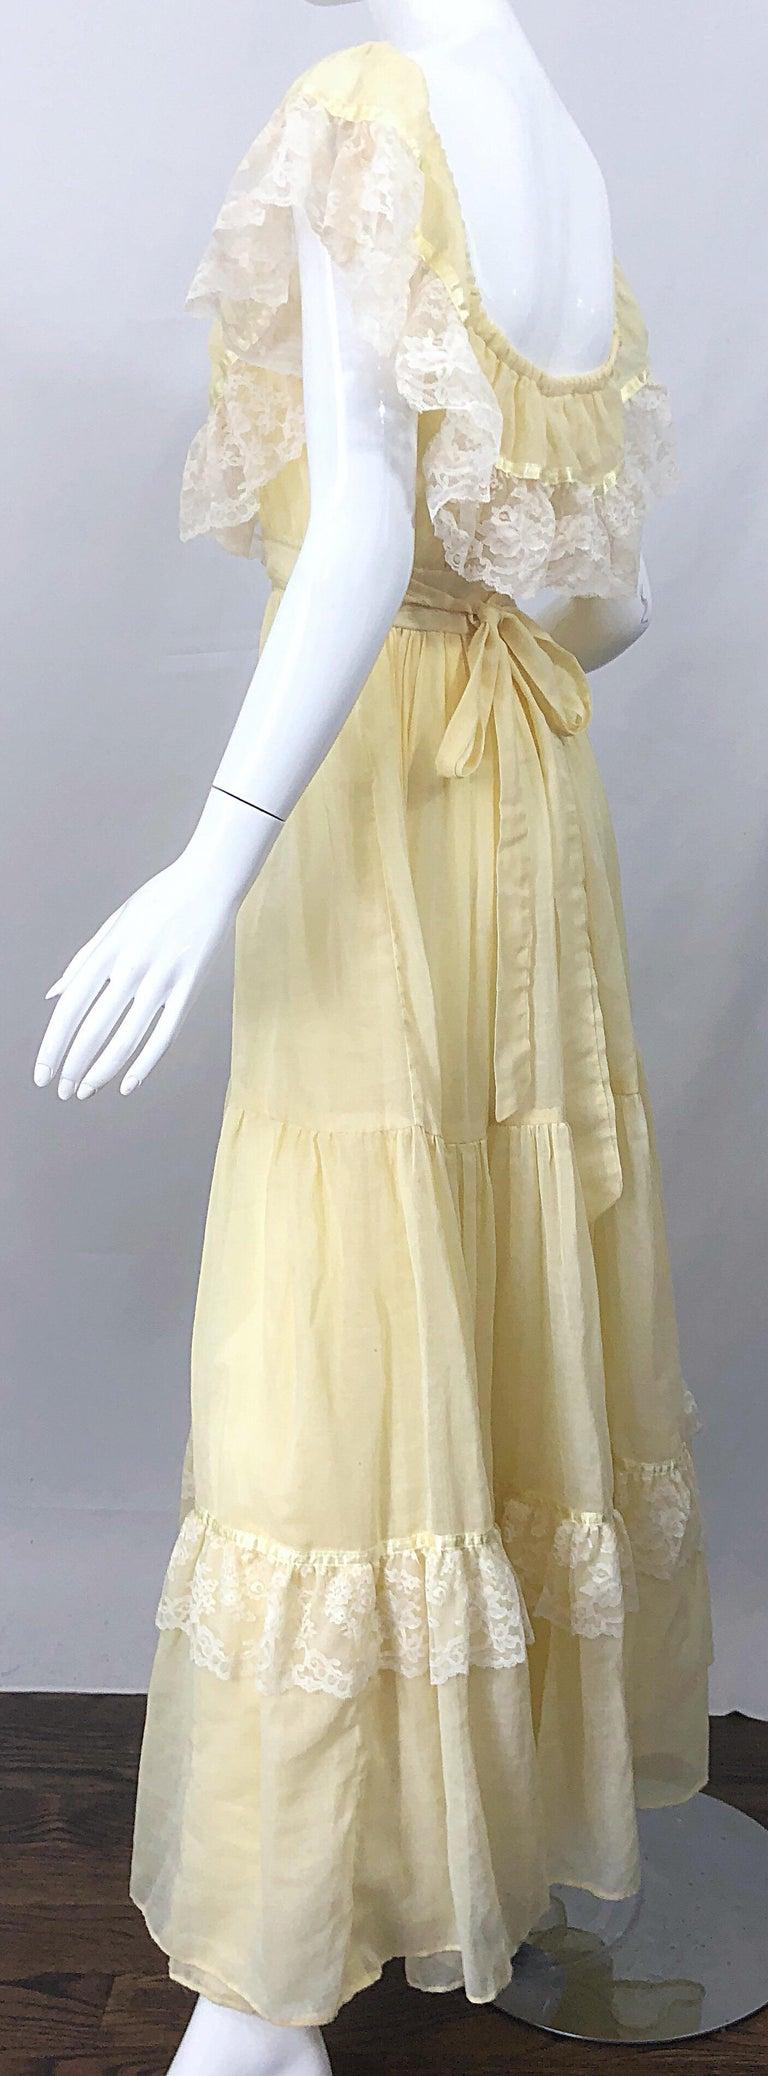 1970s Pale Light Yellow Cotton Voile + Lace Vintage Boho 70s Maxi Dress For Sale 1